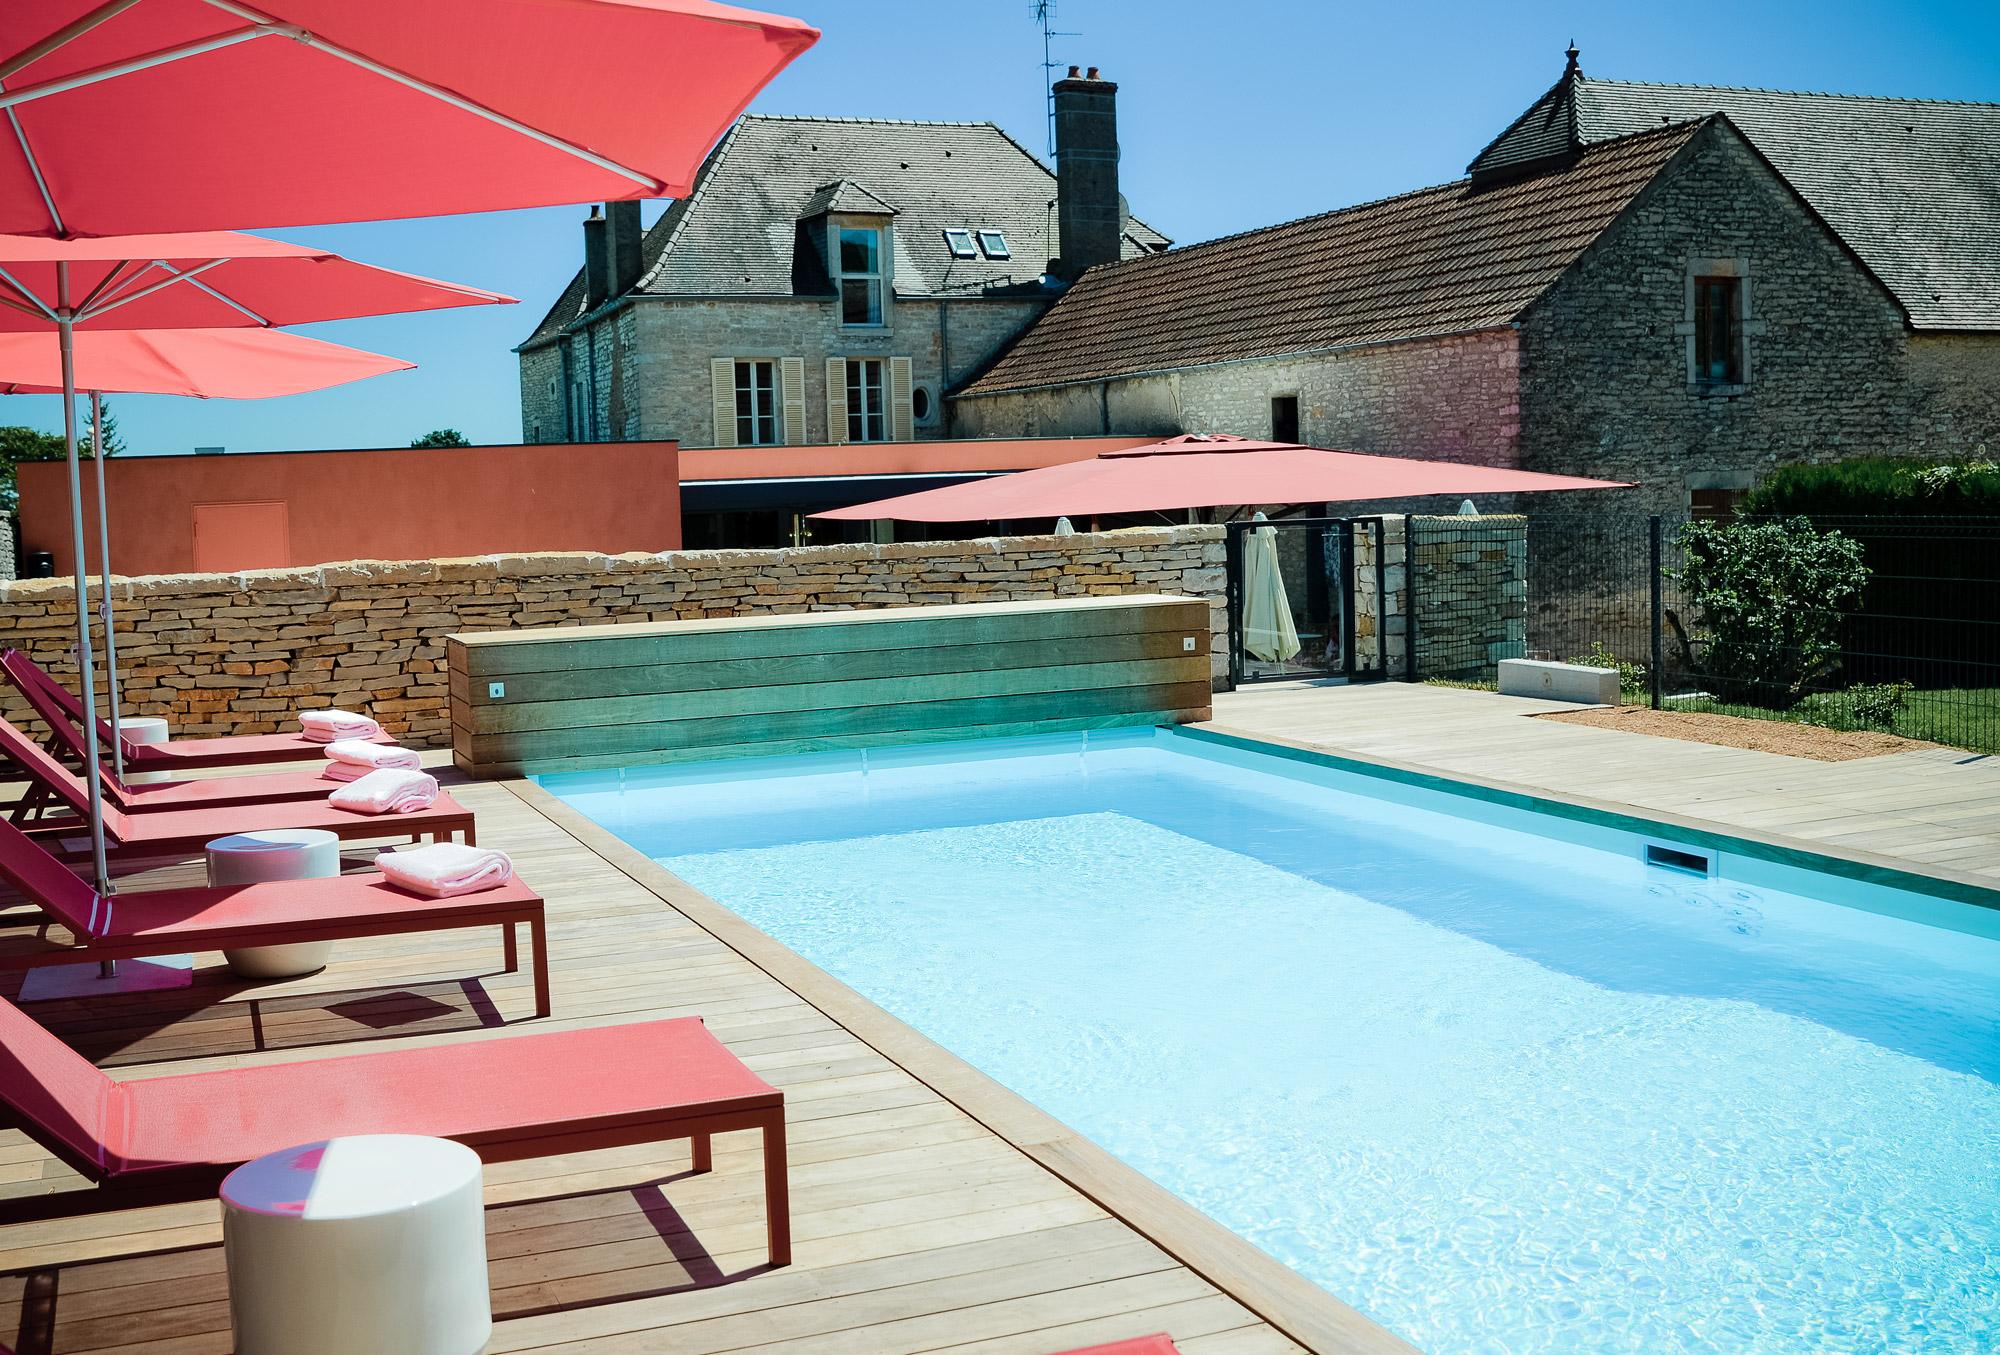 Le charme de la piscine à l'hôtel Castel de Très Girard